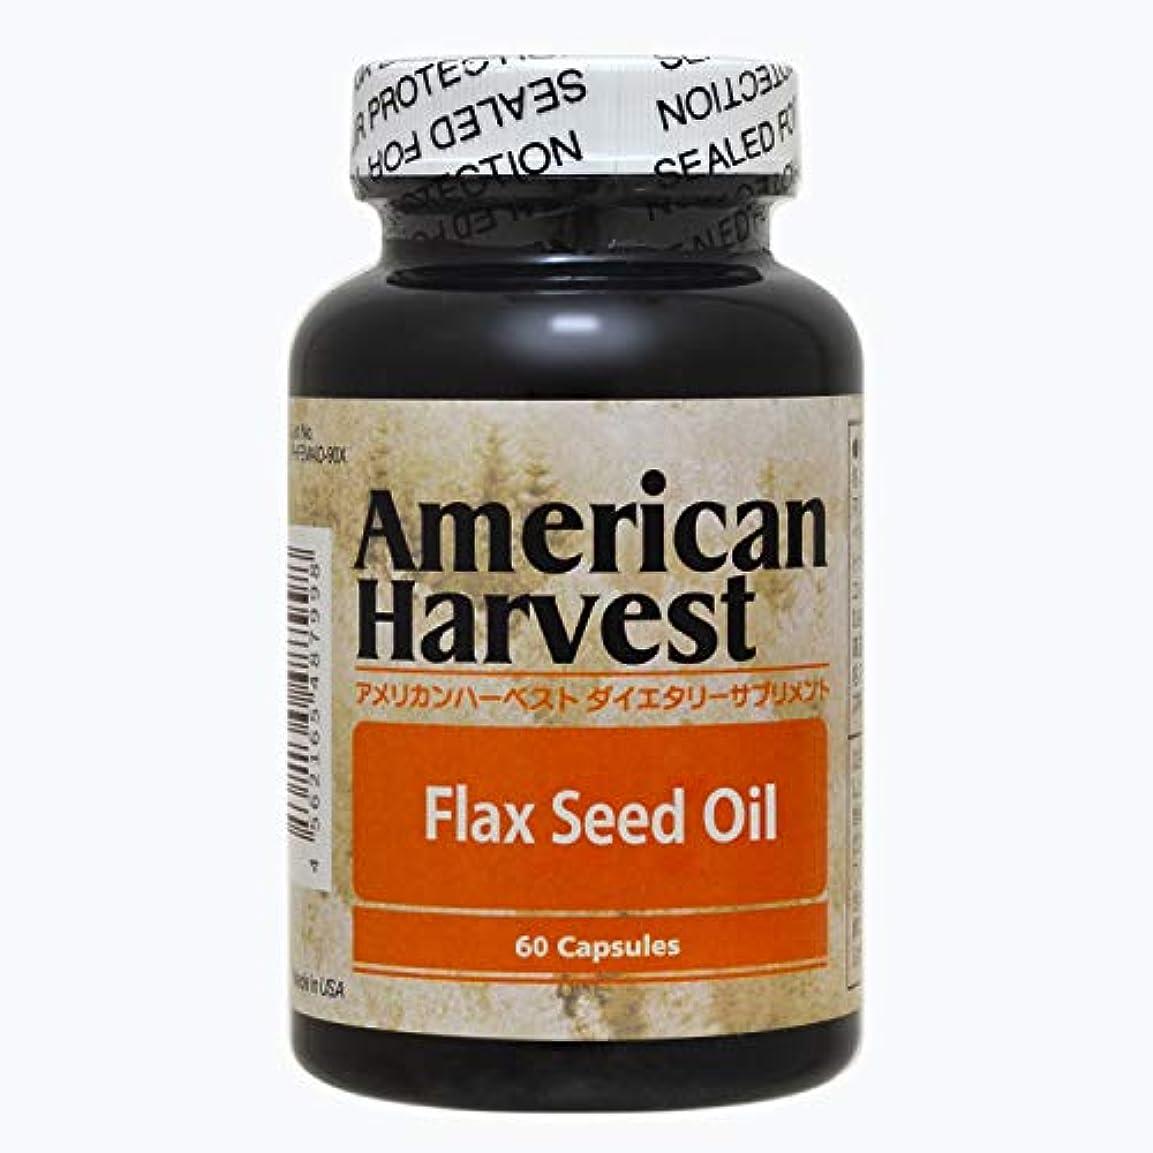 カヌーウッズ頼むアメリカンハーベスト フラックスシードオイル(亜麻仁油) 60粒/約60日分